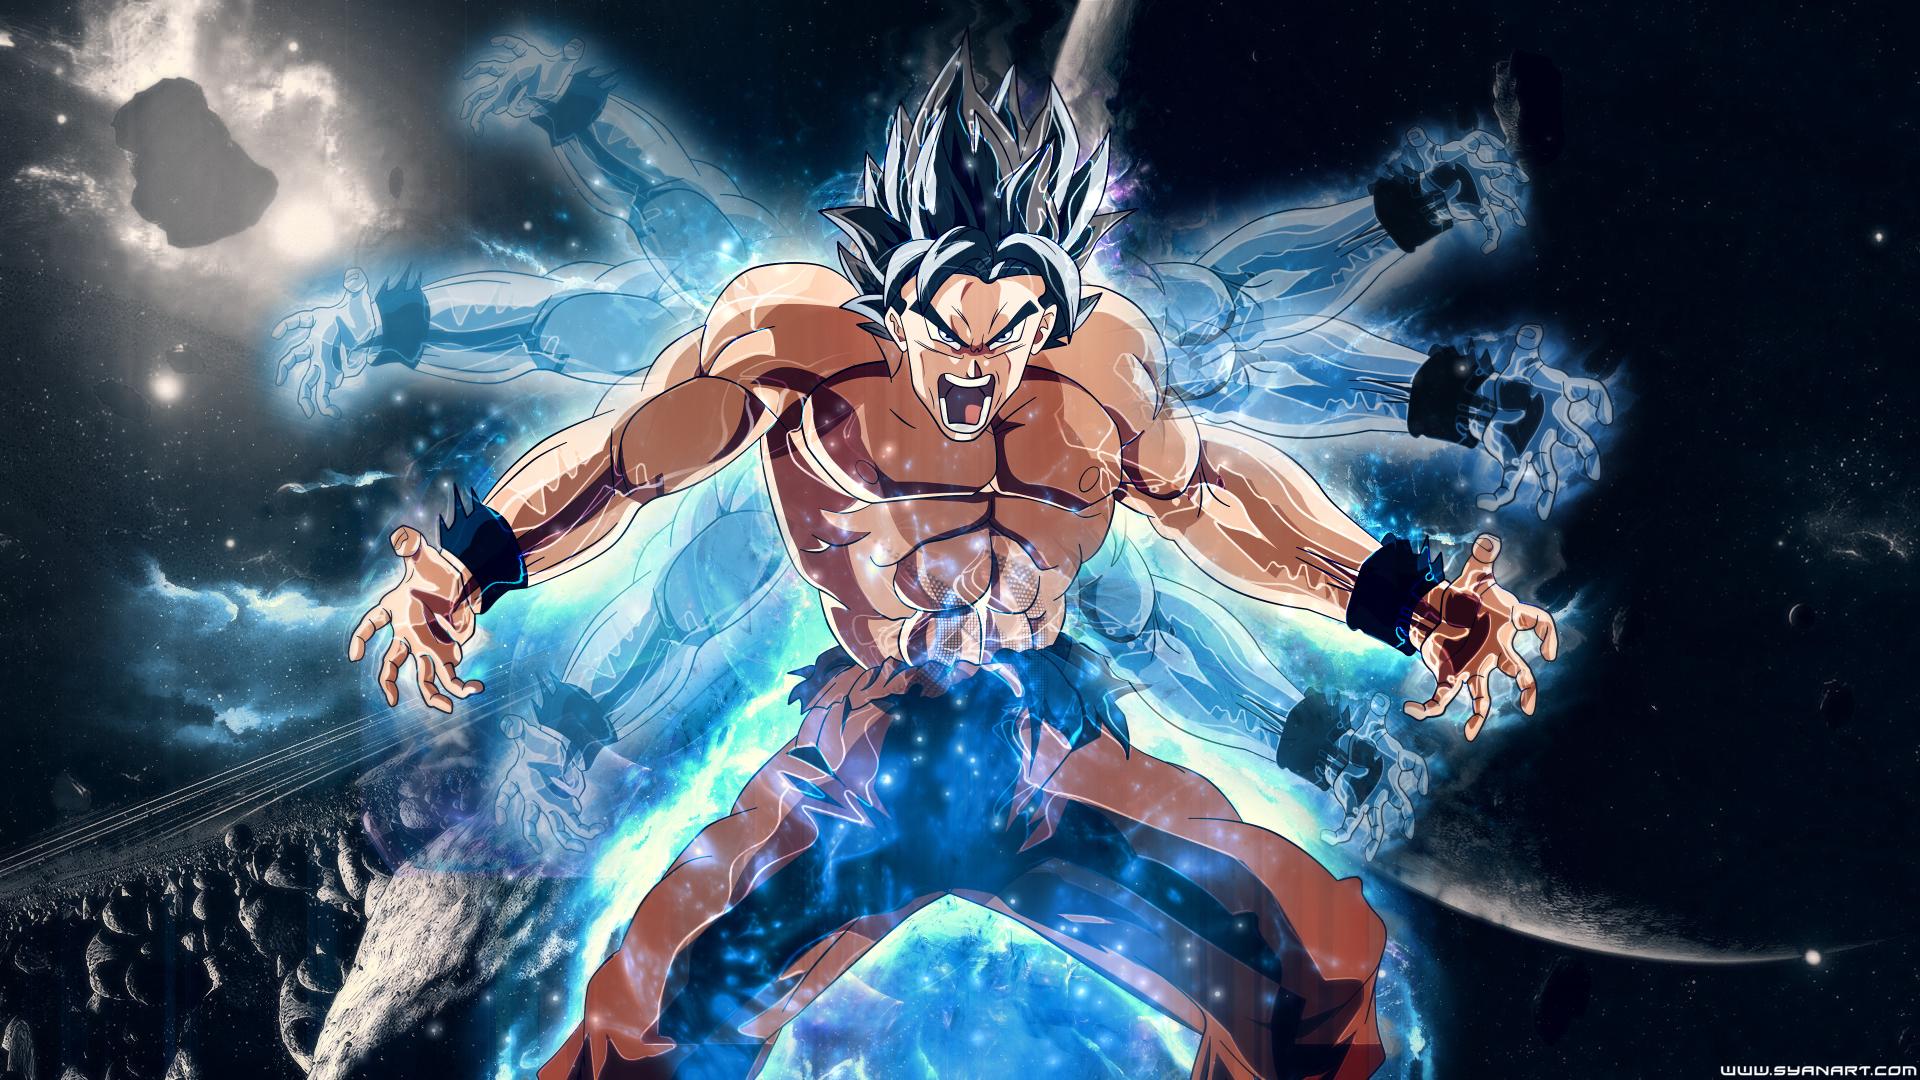 Dragon Ball Super Goku Angry, HD 4K Wallpaper